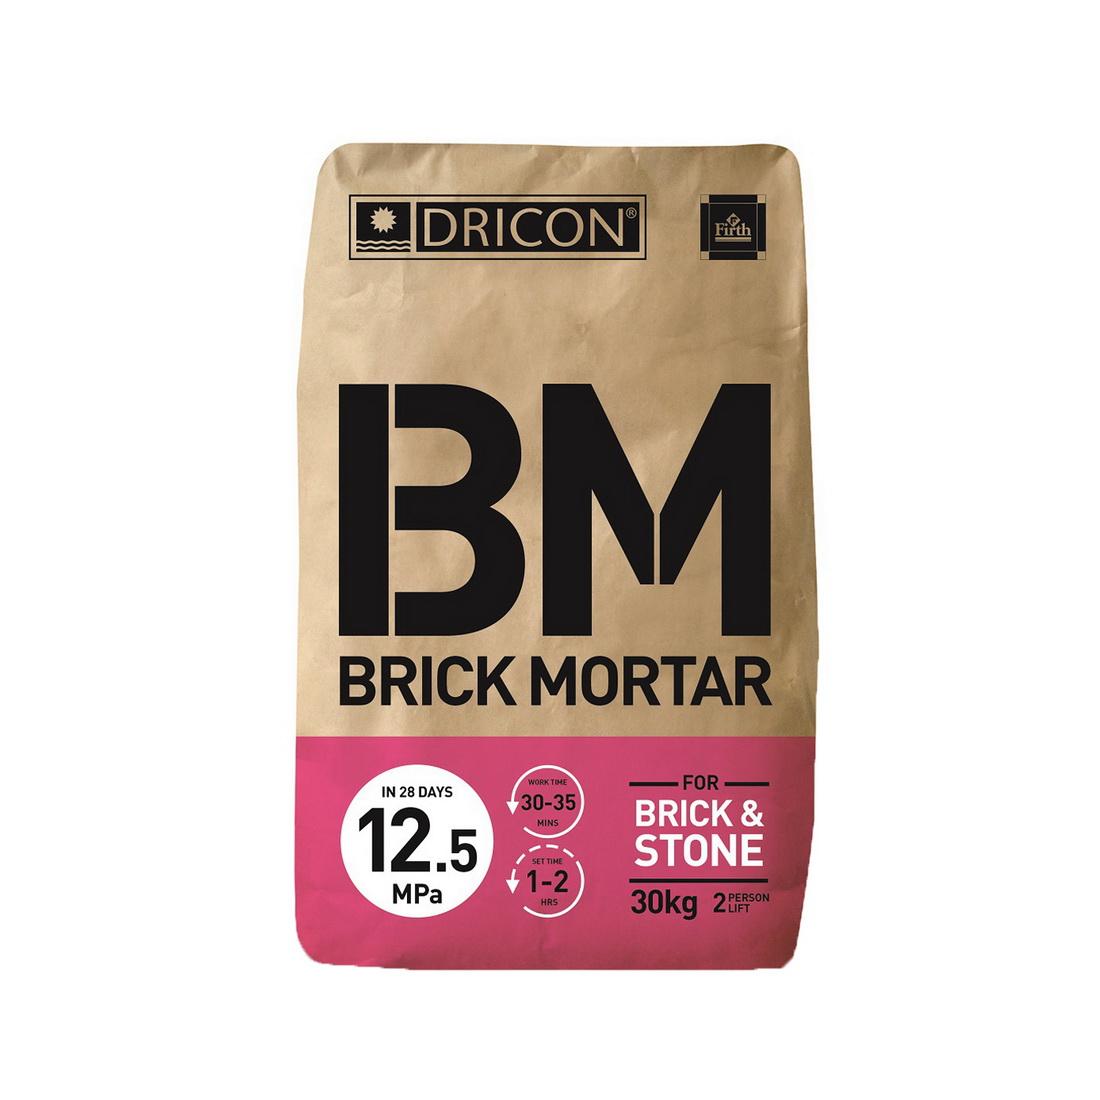 Brick Mortar 30kg